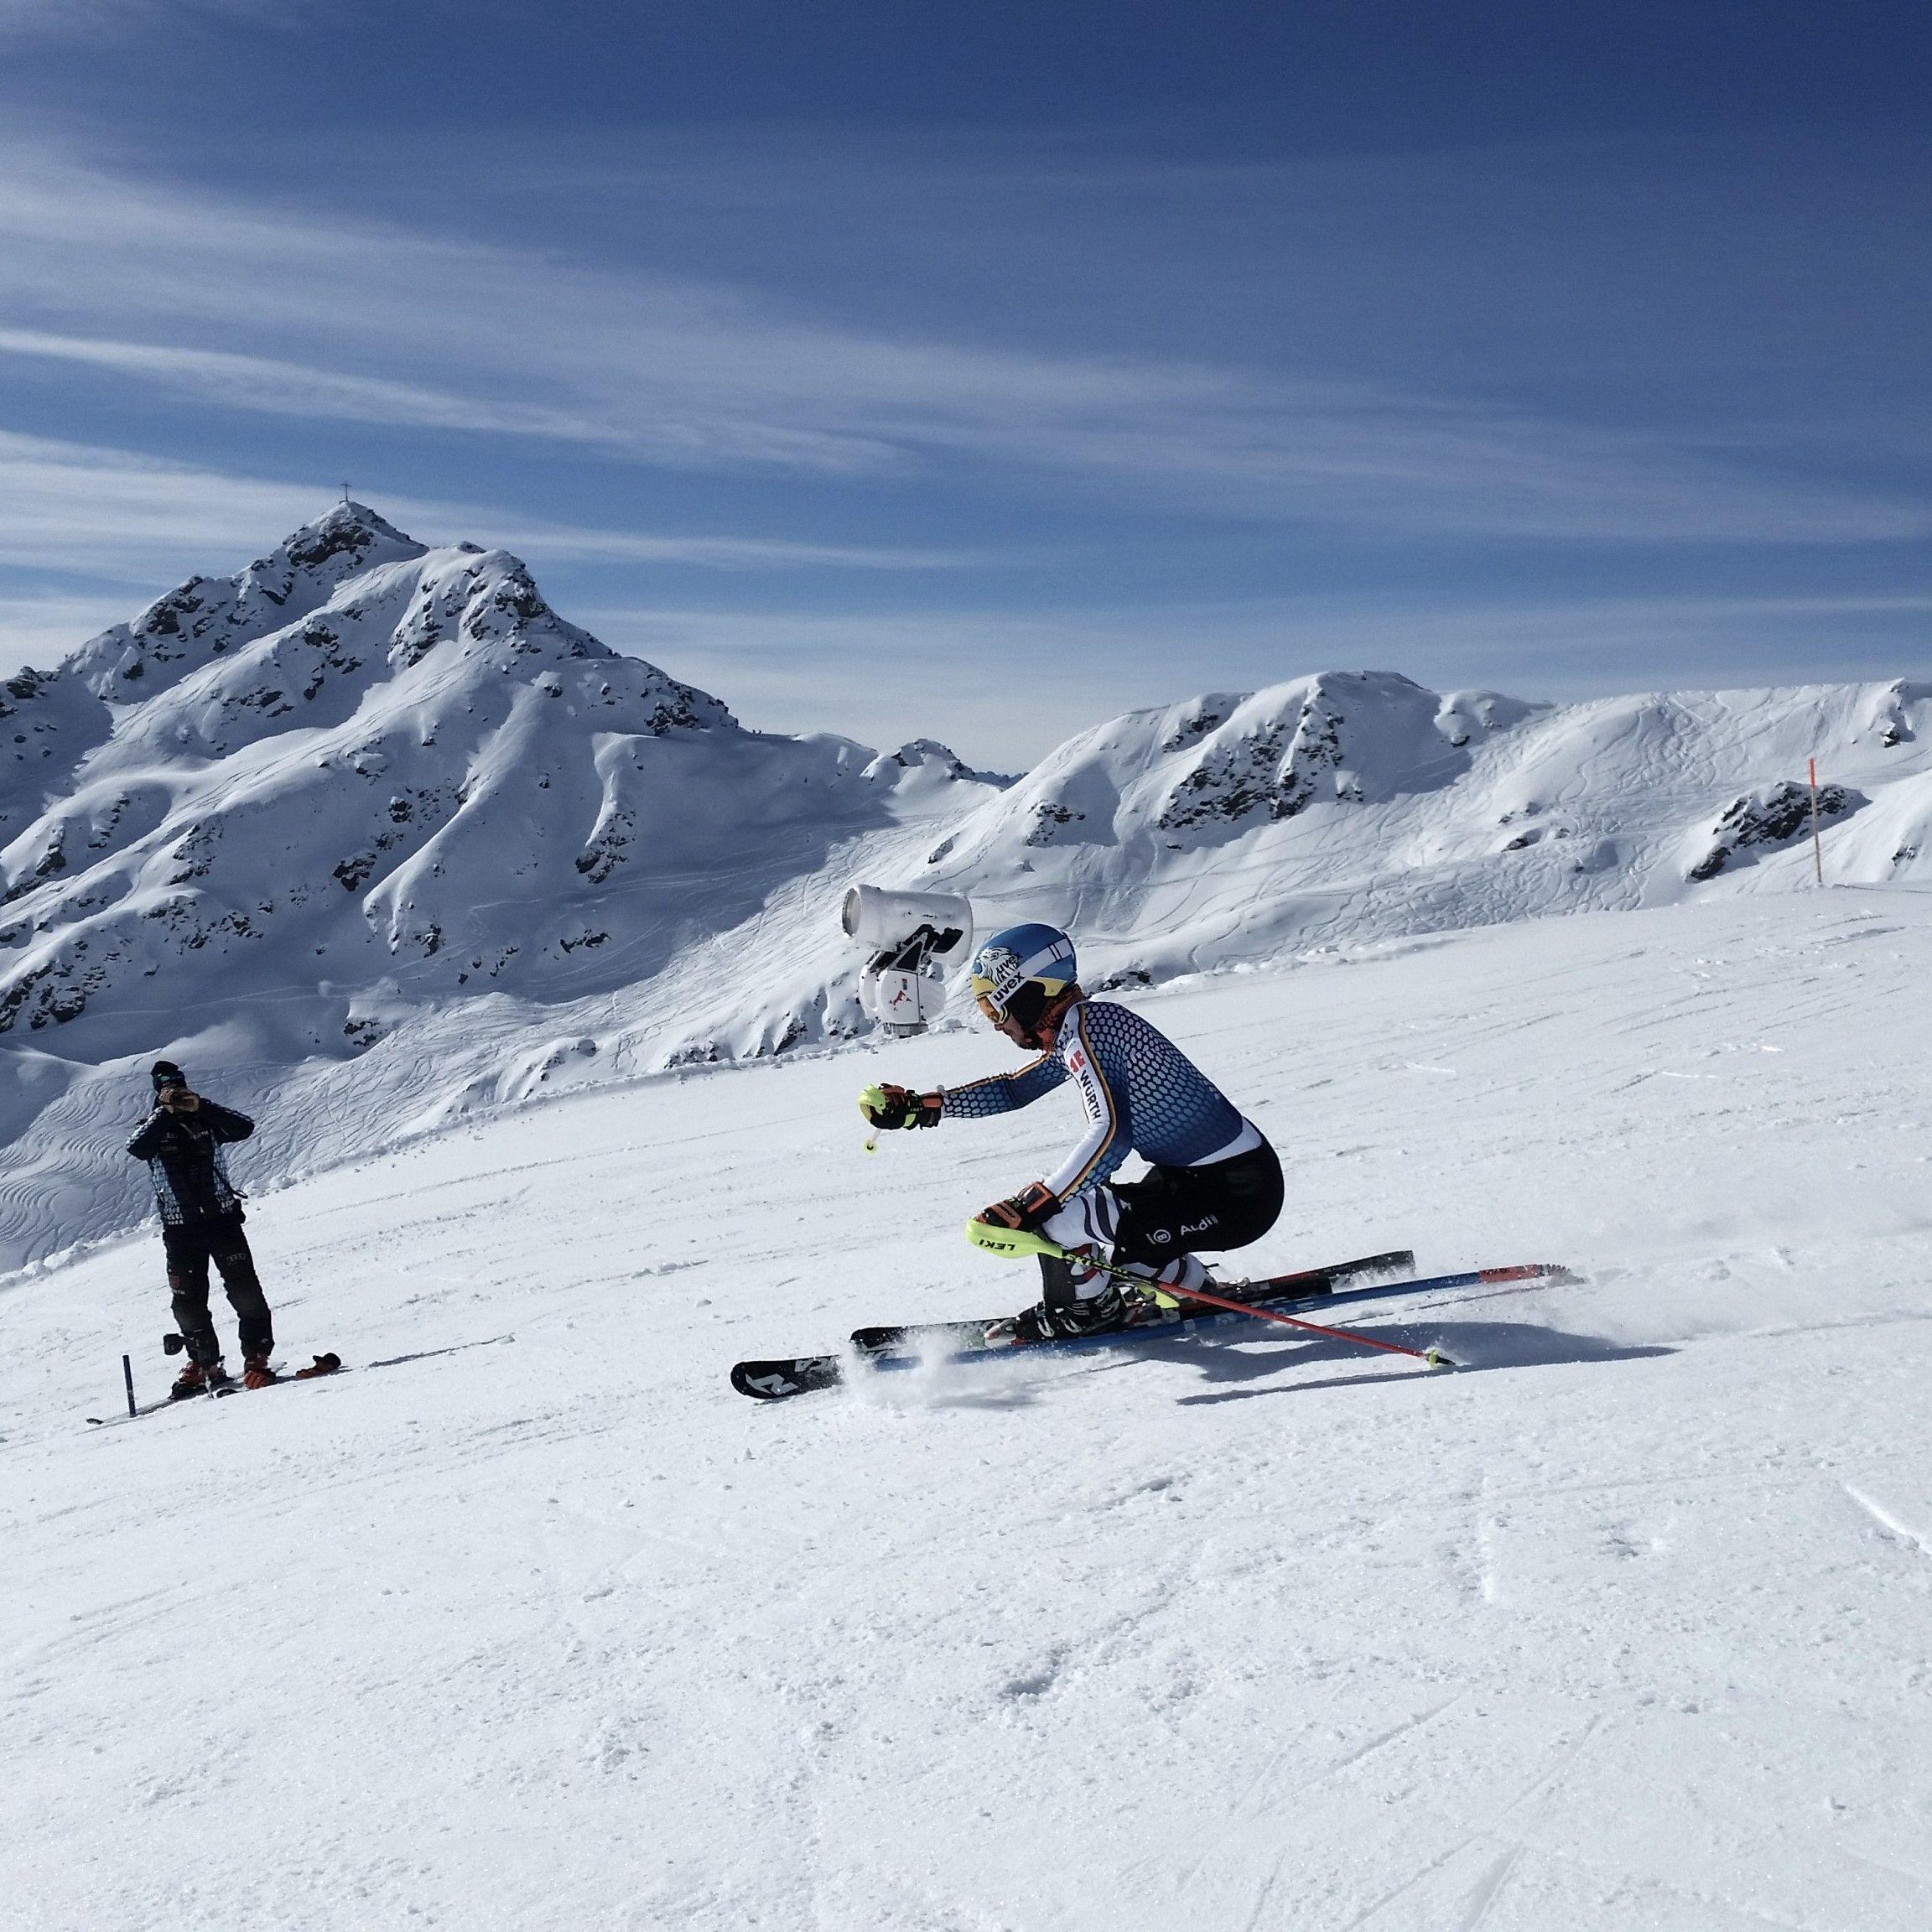 Das deutsche Technikteam bereitete sich in der Silvretta Montafon auf den WM-Slalom vor